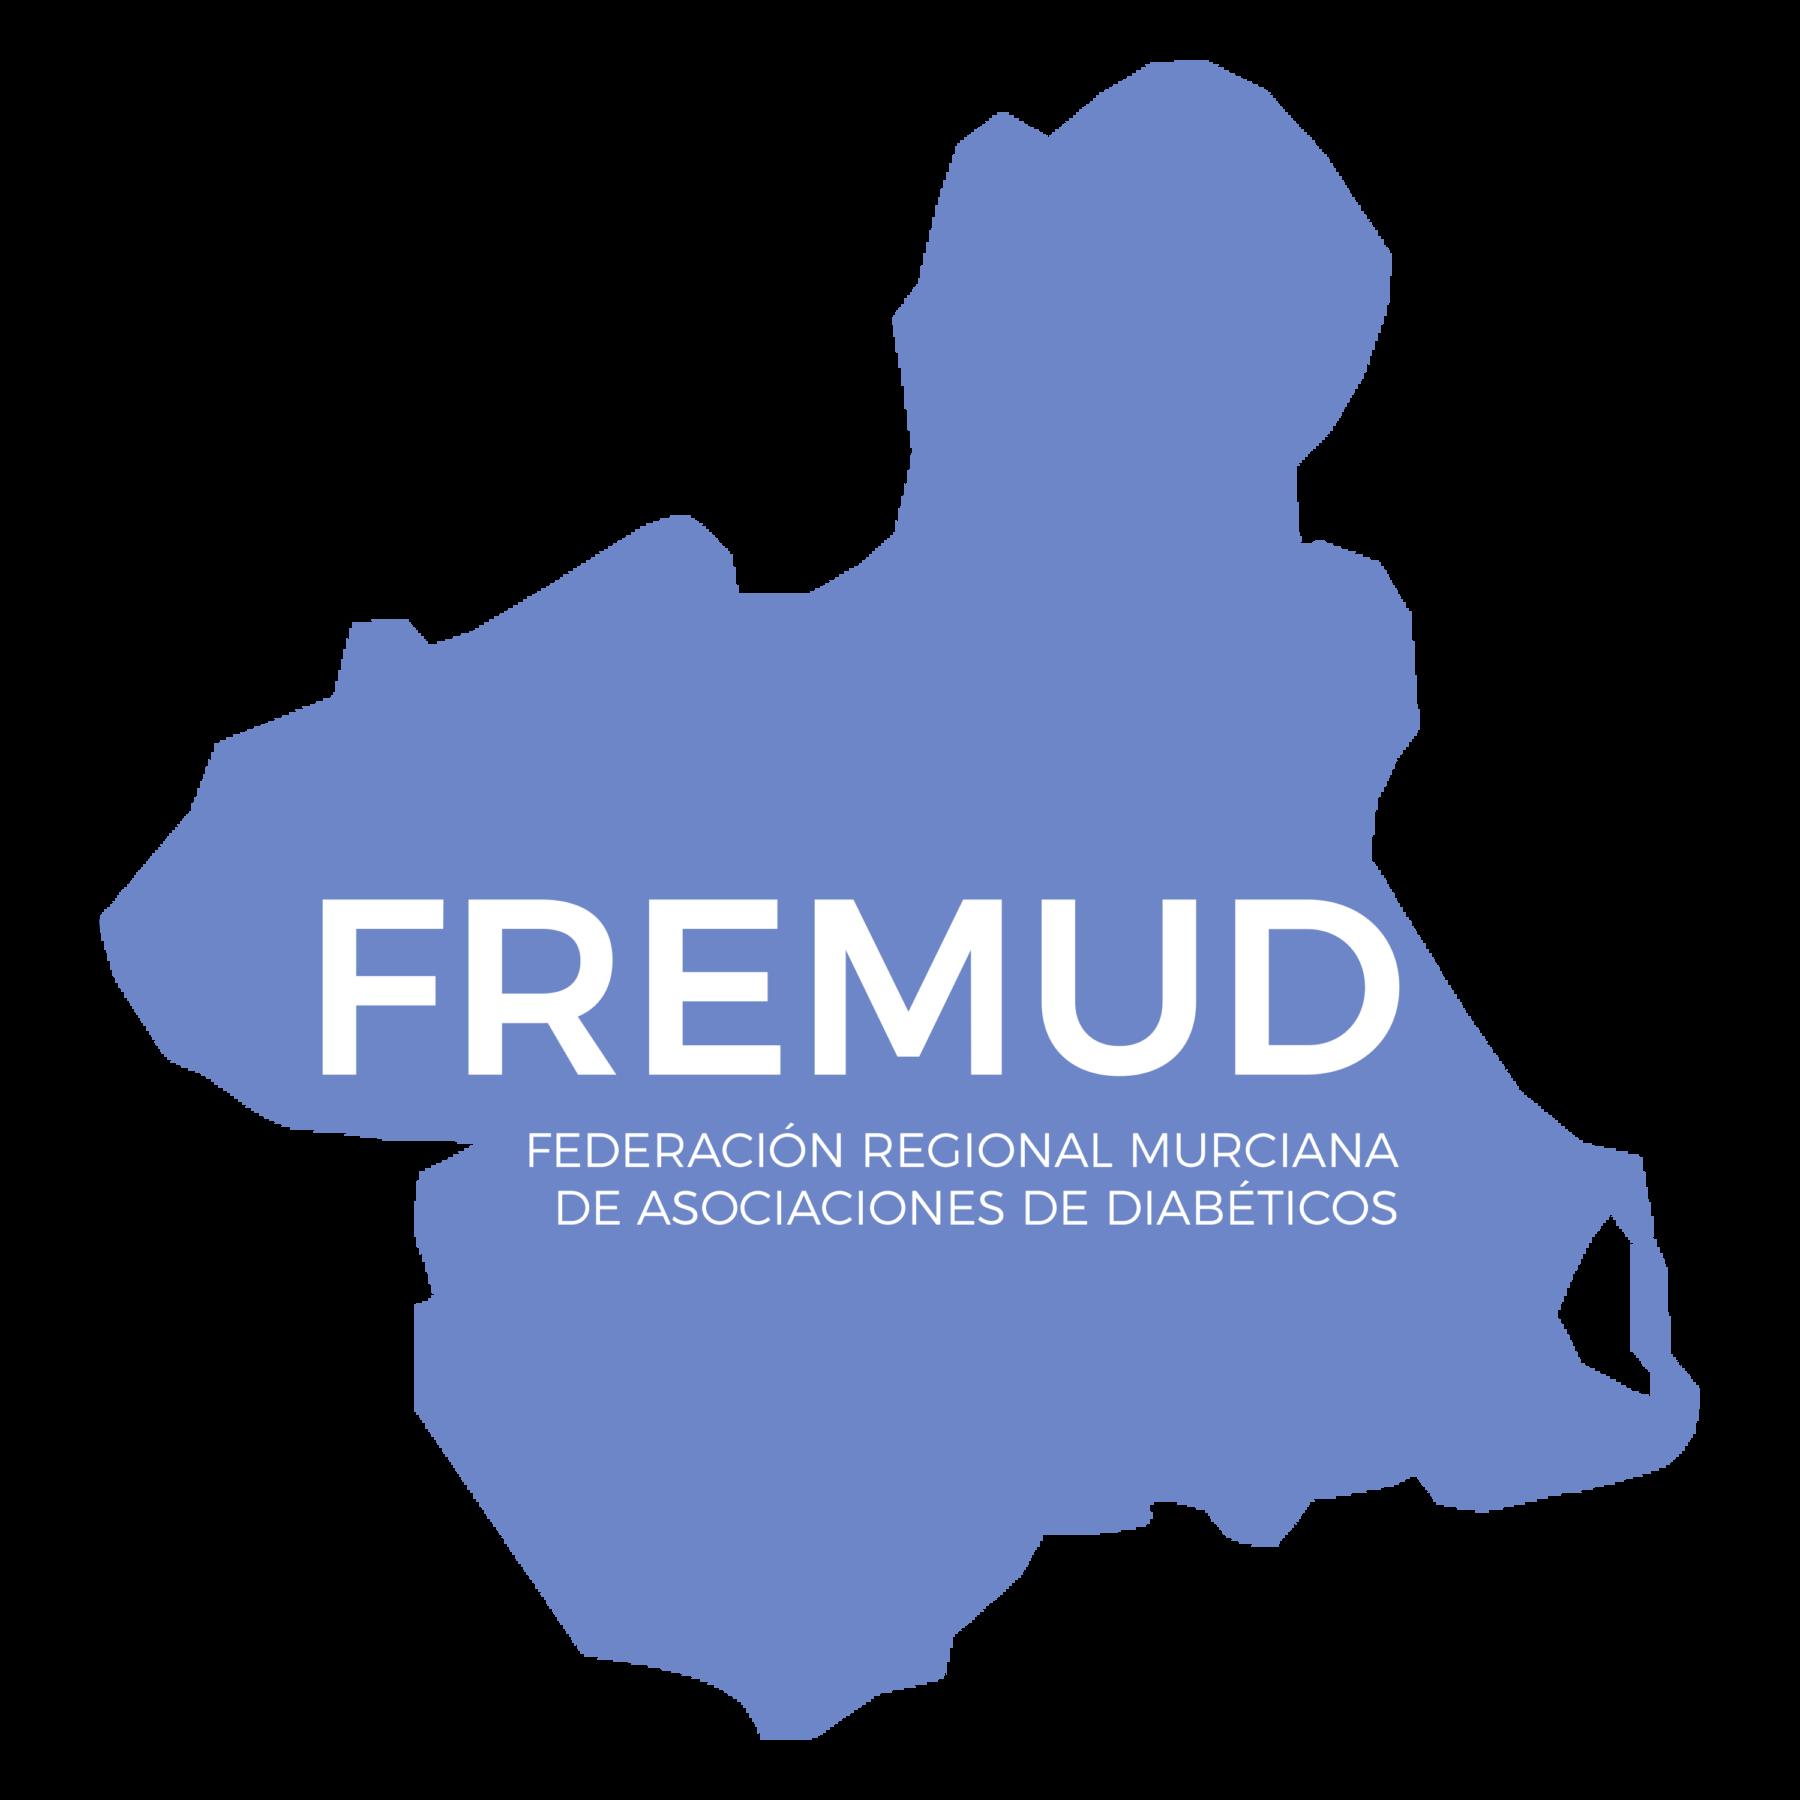 Federación Regional Murciana de Asociaciones de Diabéticos (FREMUD)